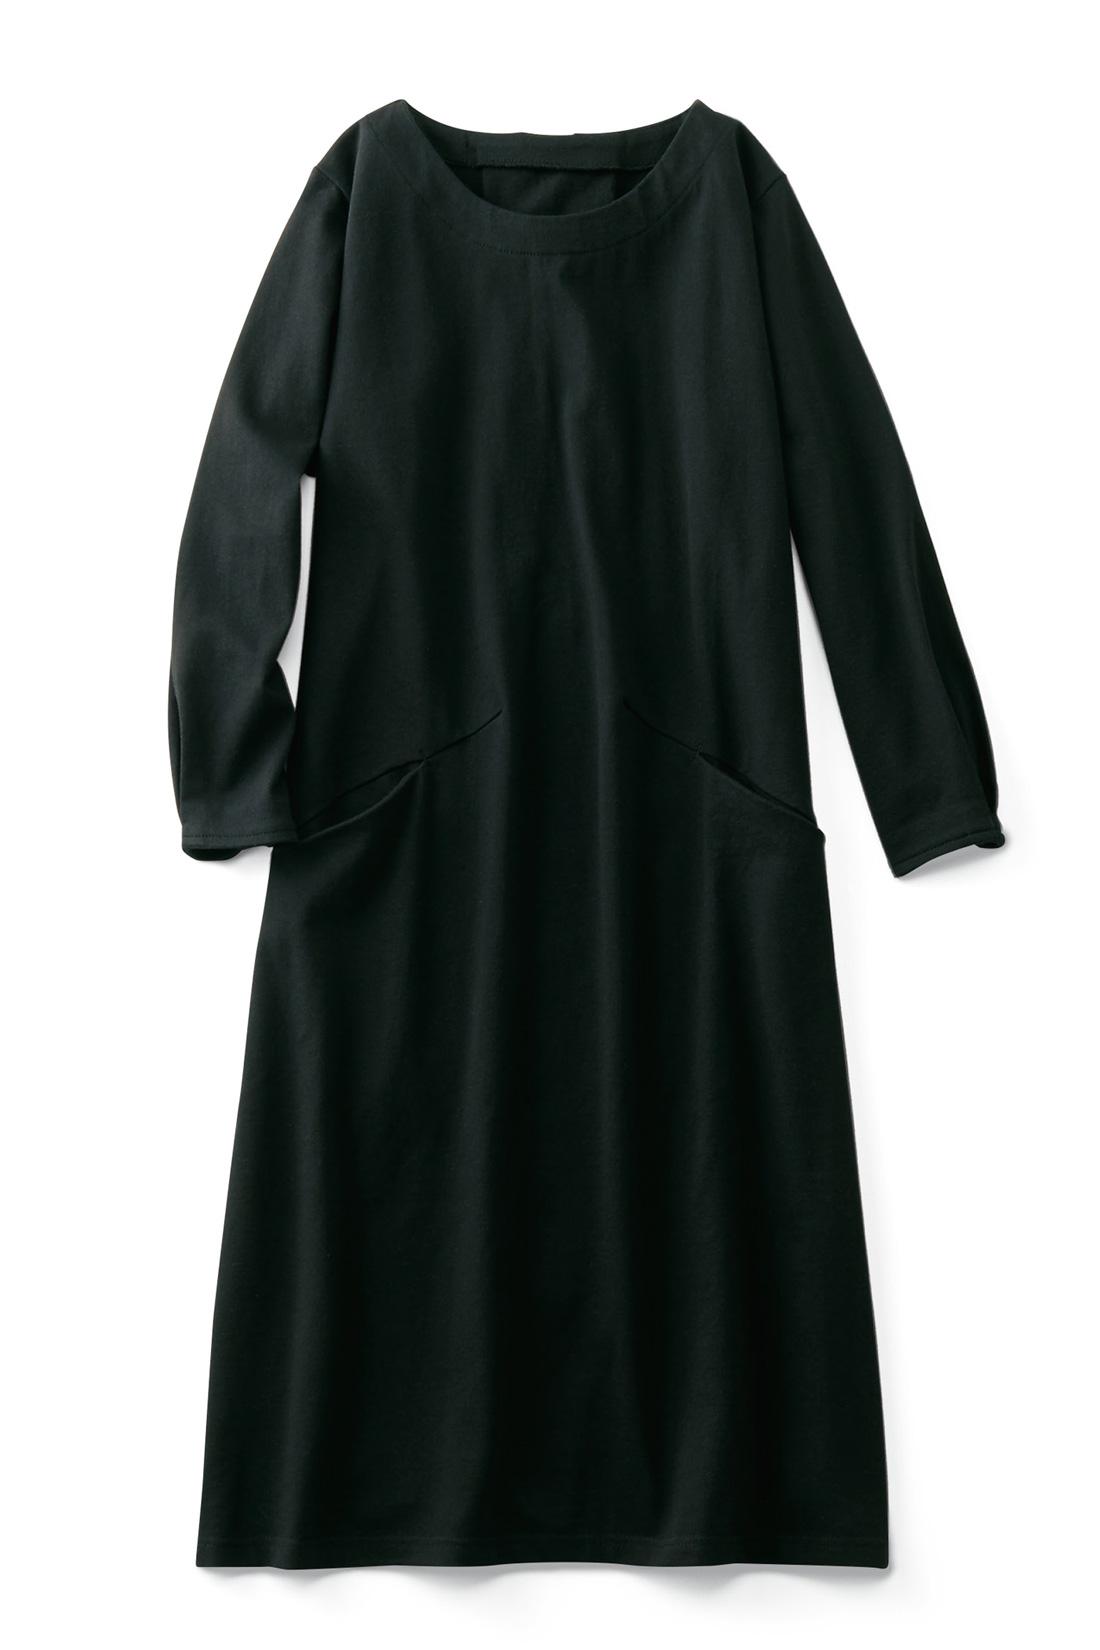 きれいめにもOK【ブラック】袖口のタックで少しポワンとした八分袖が華奢見せをかなえます。斜めにシュッとポケットをあしらって、メリハリ細見え効果をアップ。